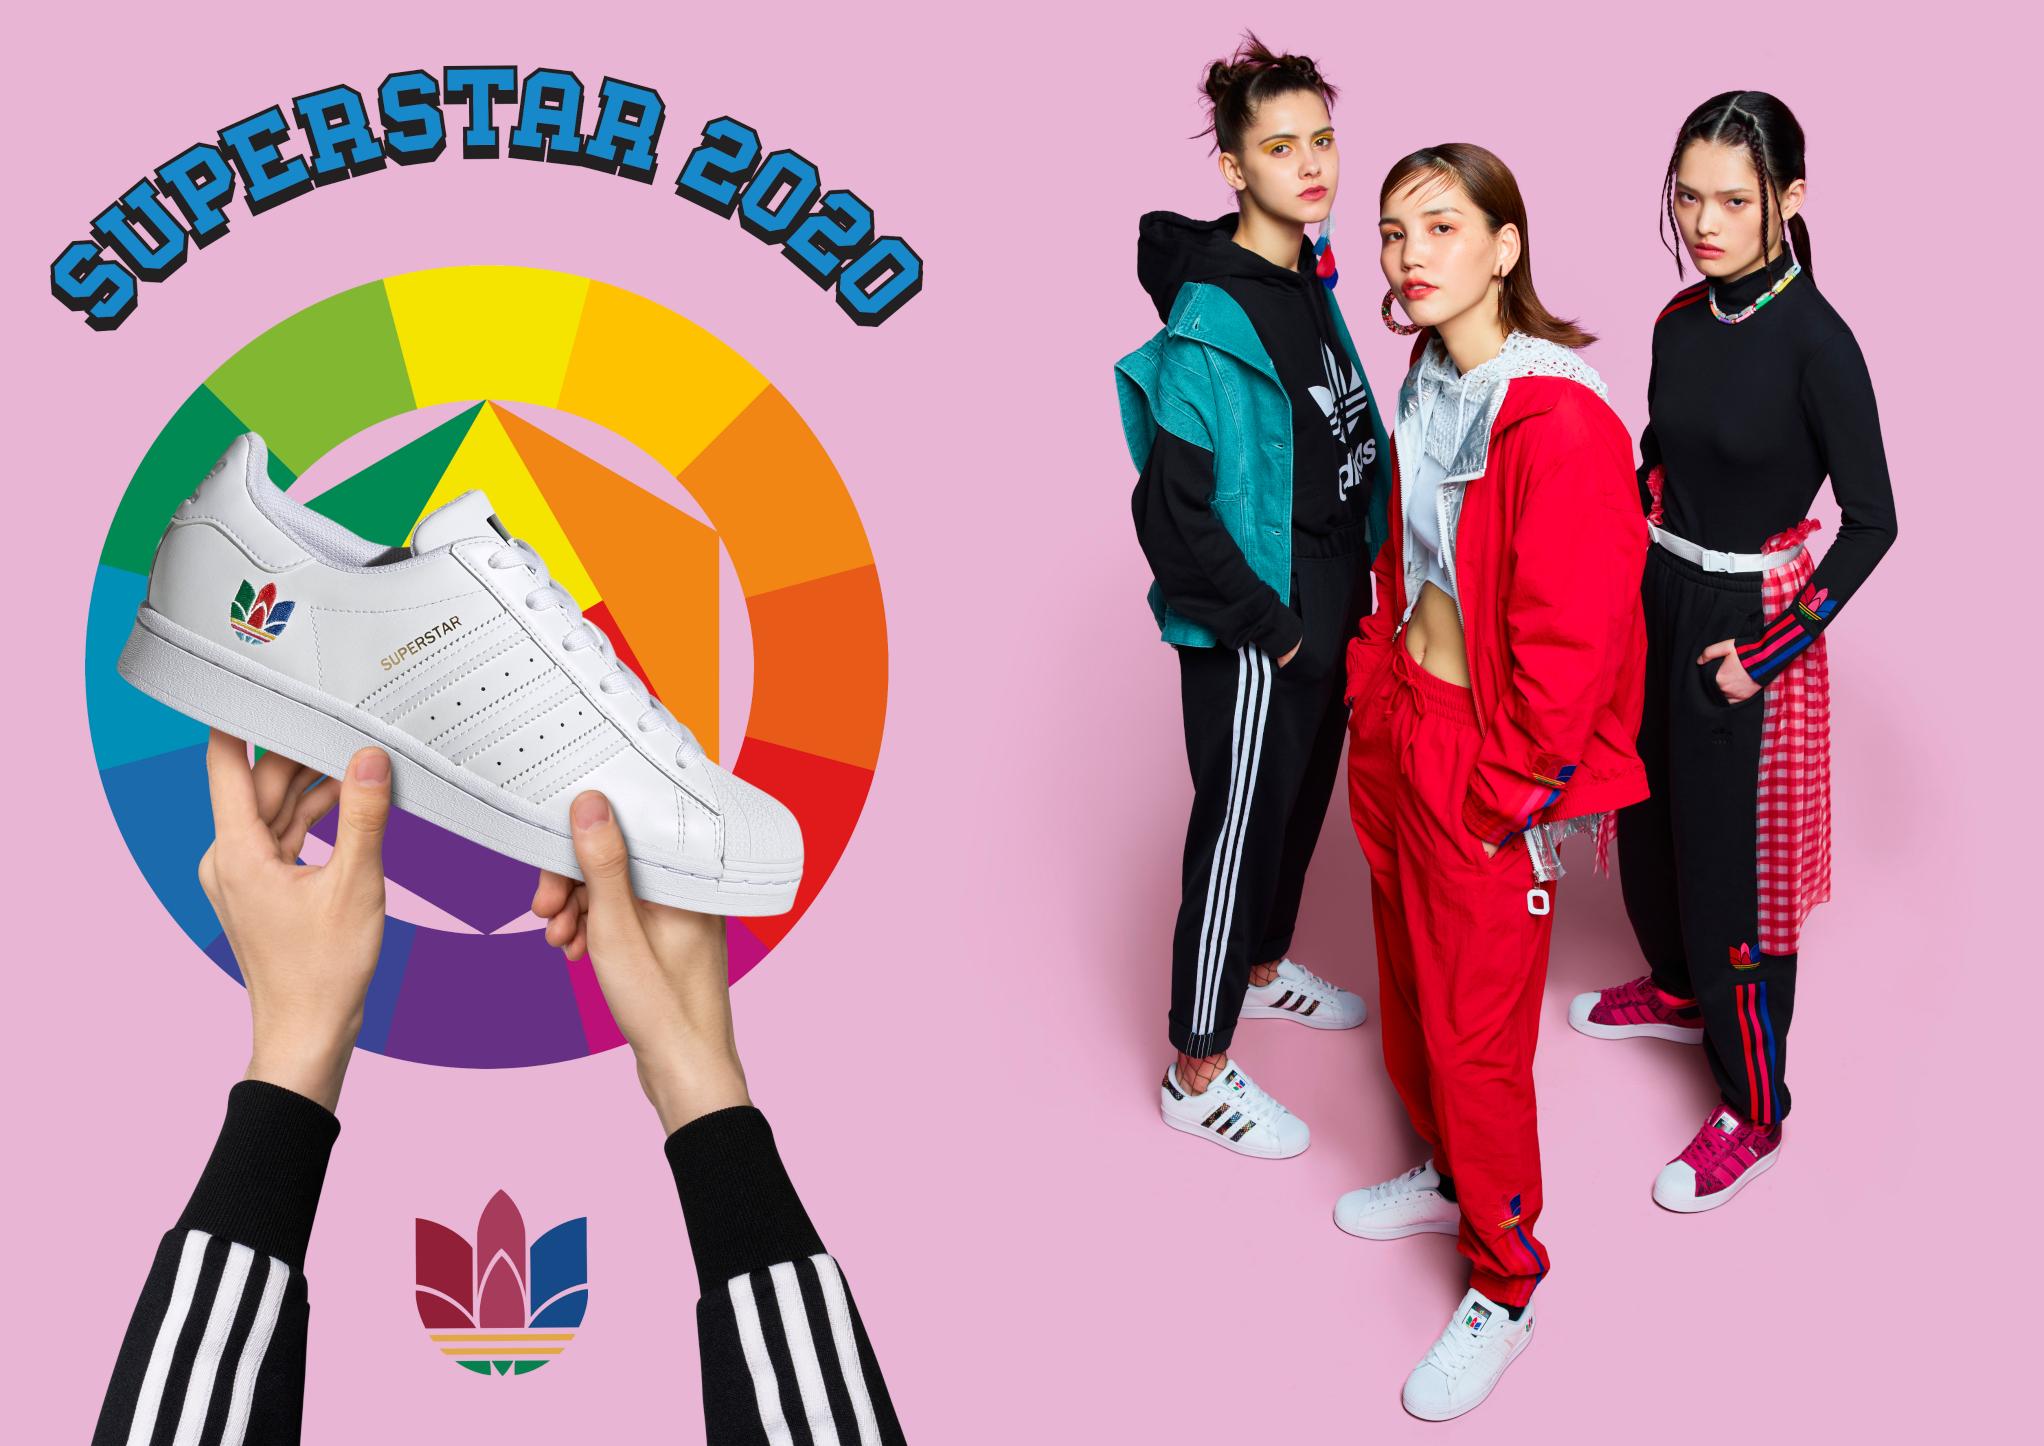 thiết kế adidas superstar 2020 cho nữa nhẹ nhàng